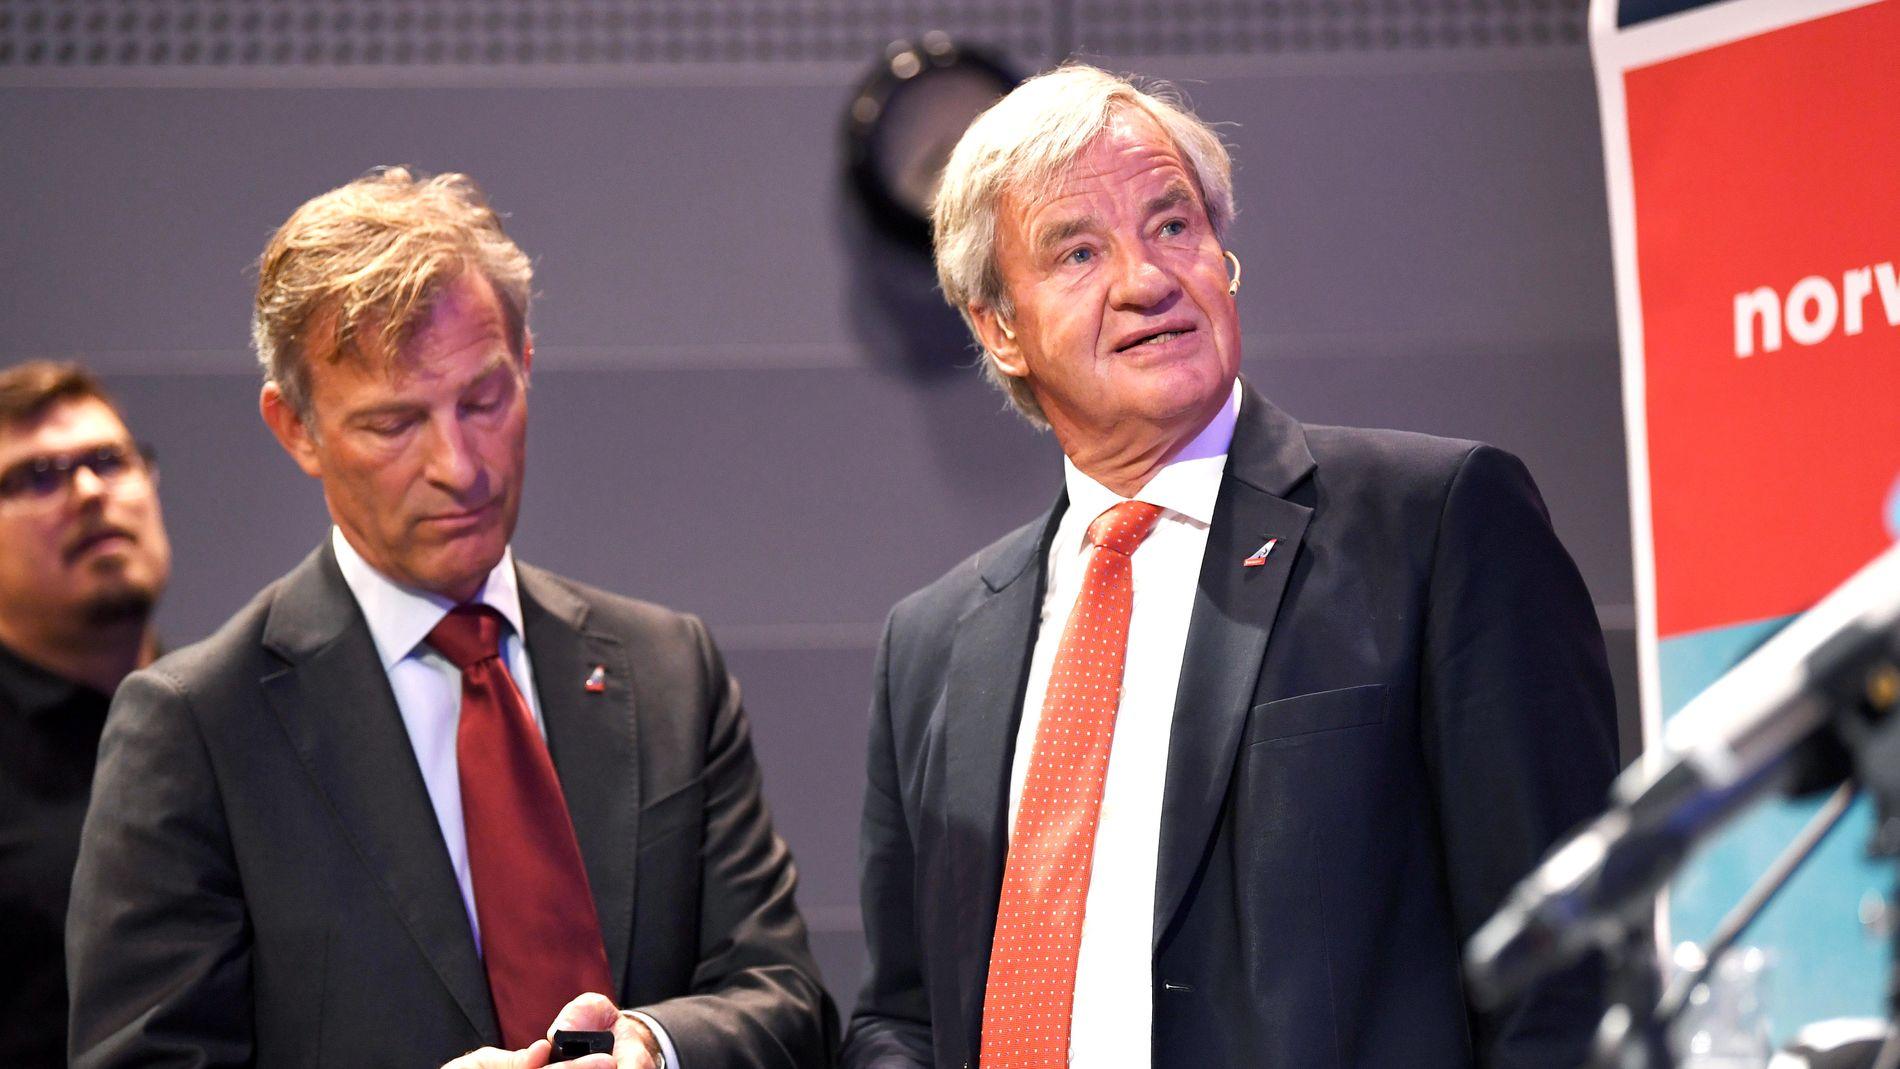 GIR SEG: Bjørn Kjos gir stafettpinnen videre etter 17 som konsernsjef i Norwegian. Kjos går inn i en mer tilbaketrukket rolle i selskapet. Her sammen med midlertidig etterfølger, Geir Karlsen.